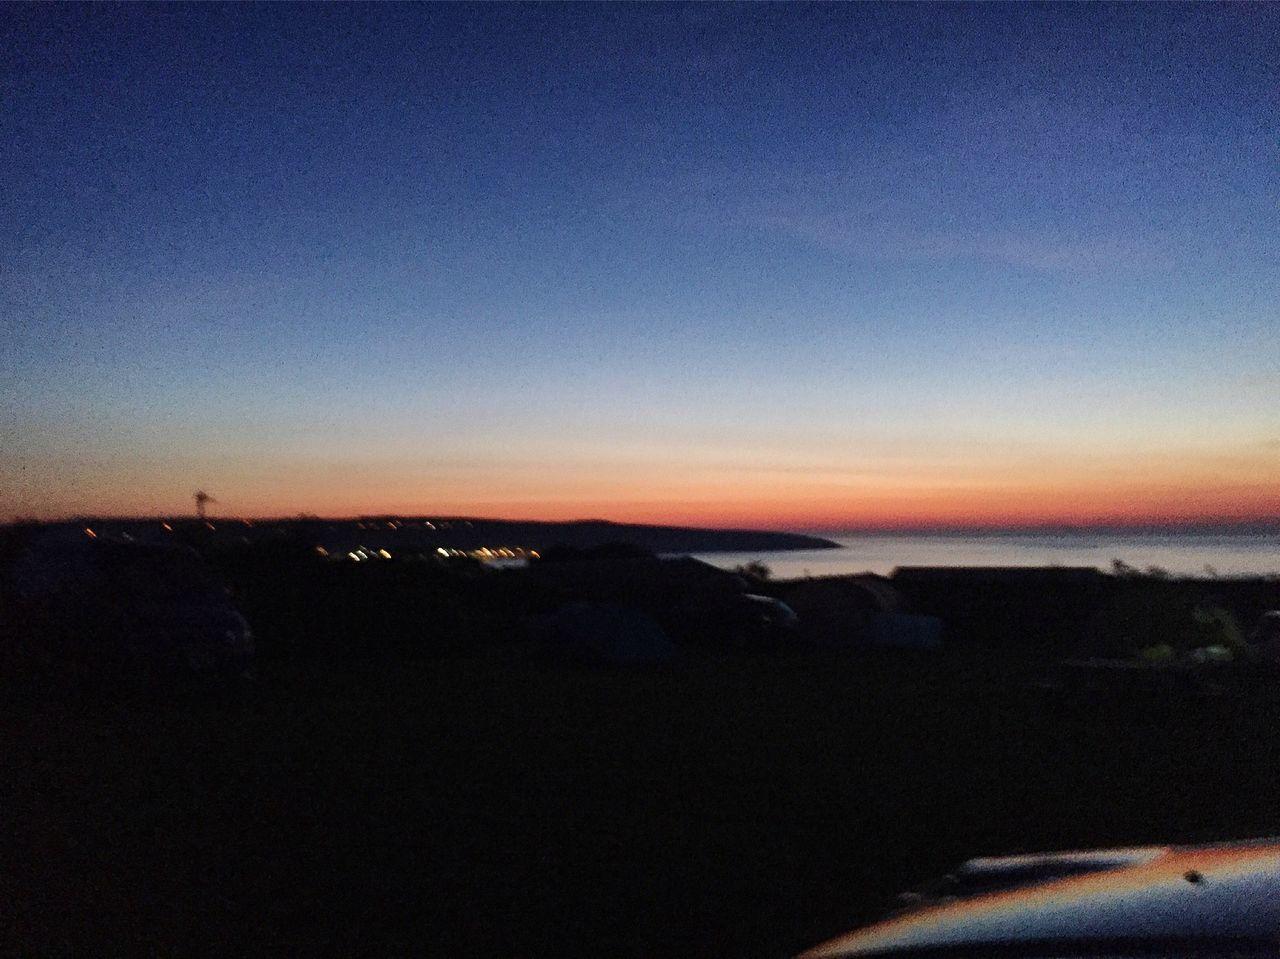 Relaxing Sunset Fishguard Fishguard, Pembrokeshire United Kingdom